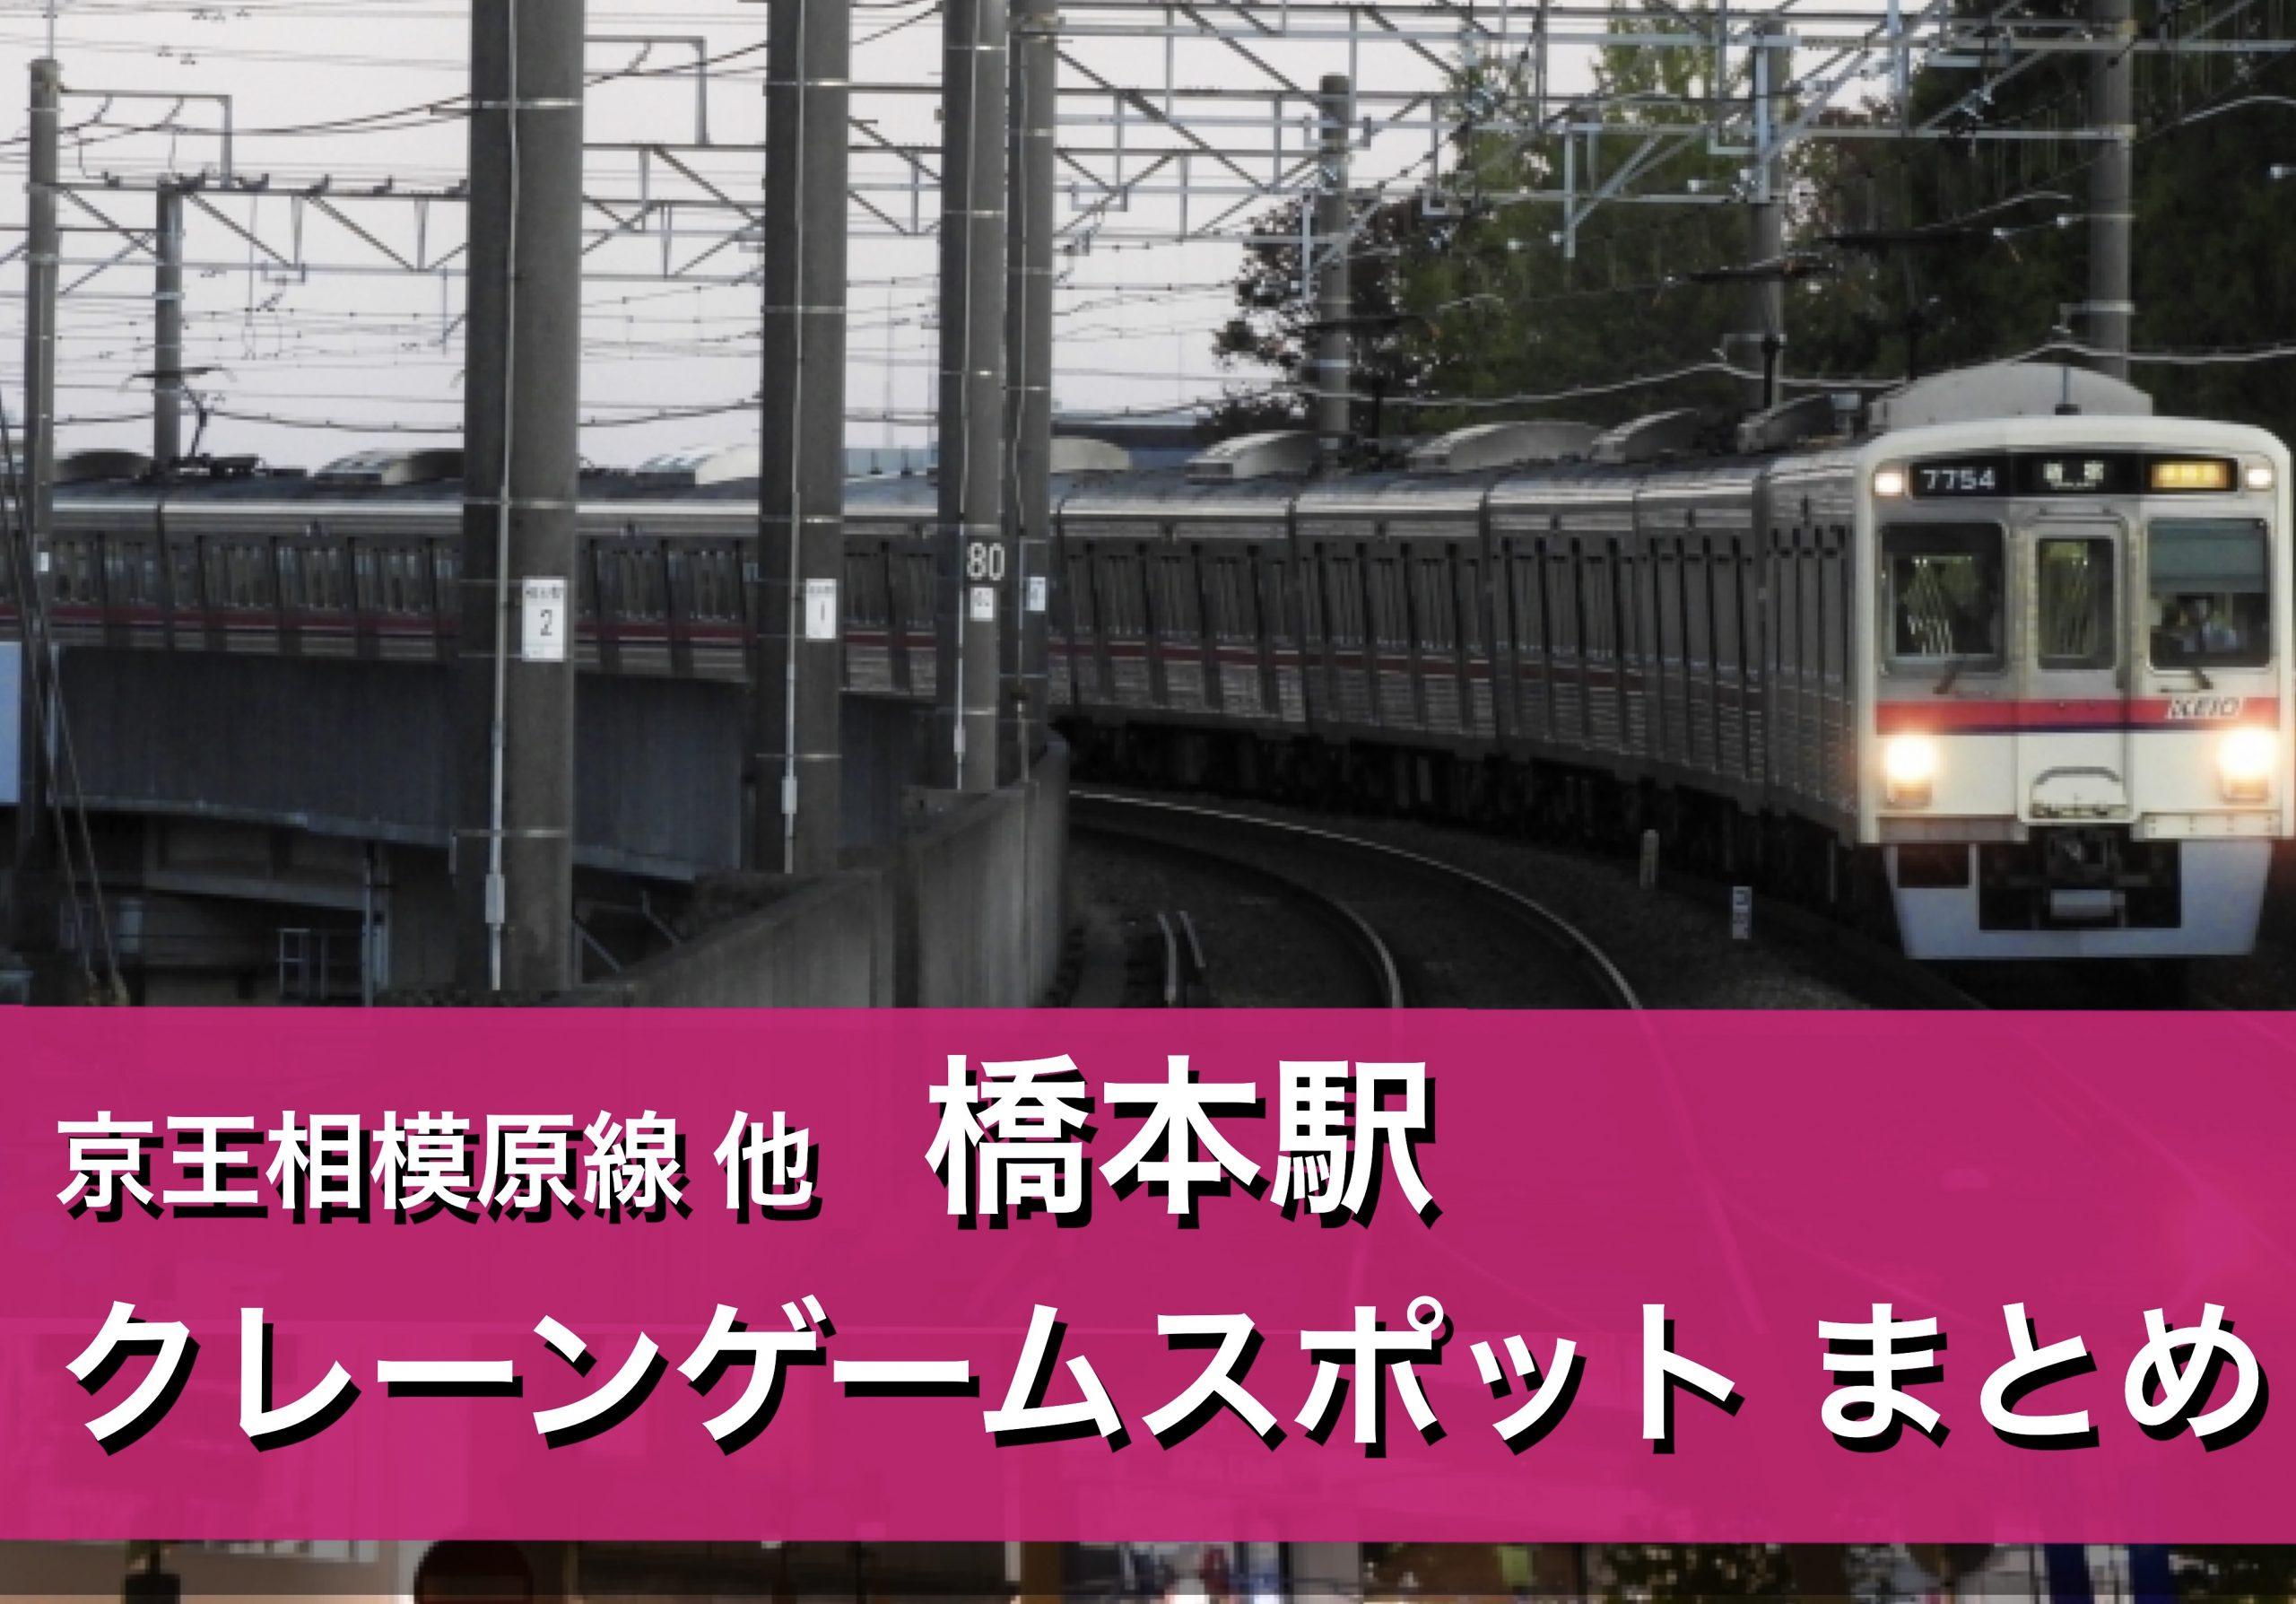 【橋本駅】クレーンゲームができる場所